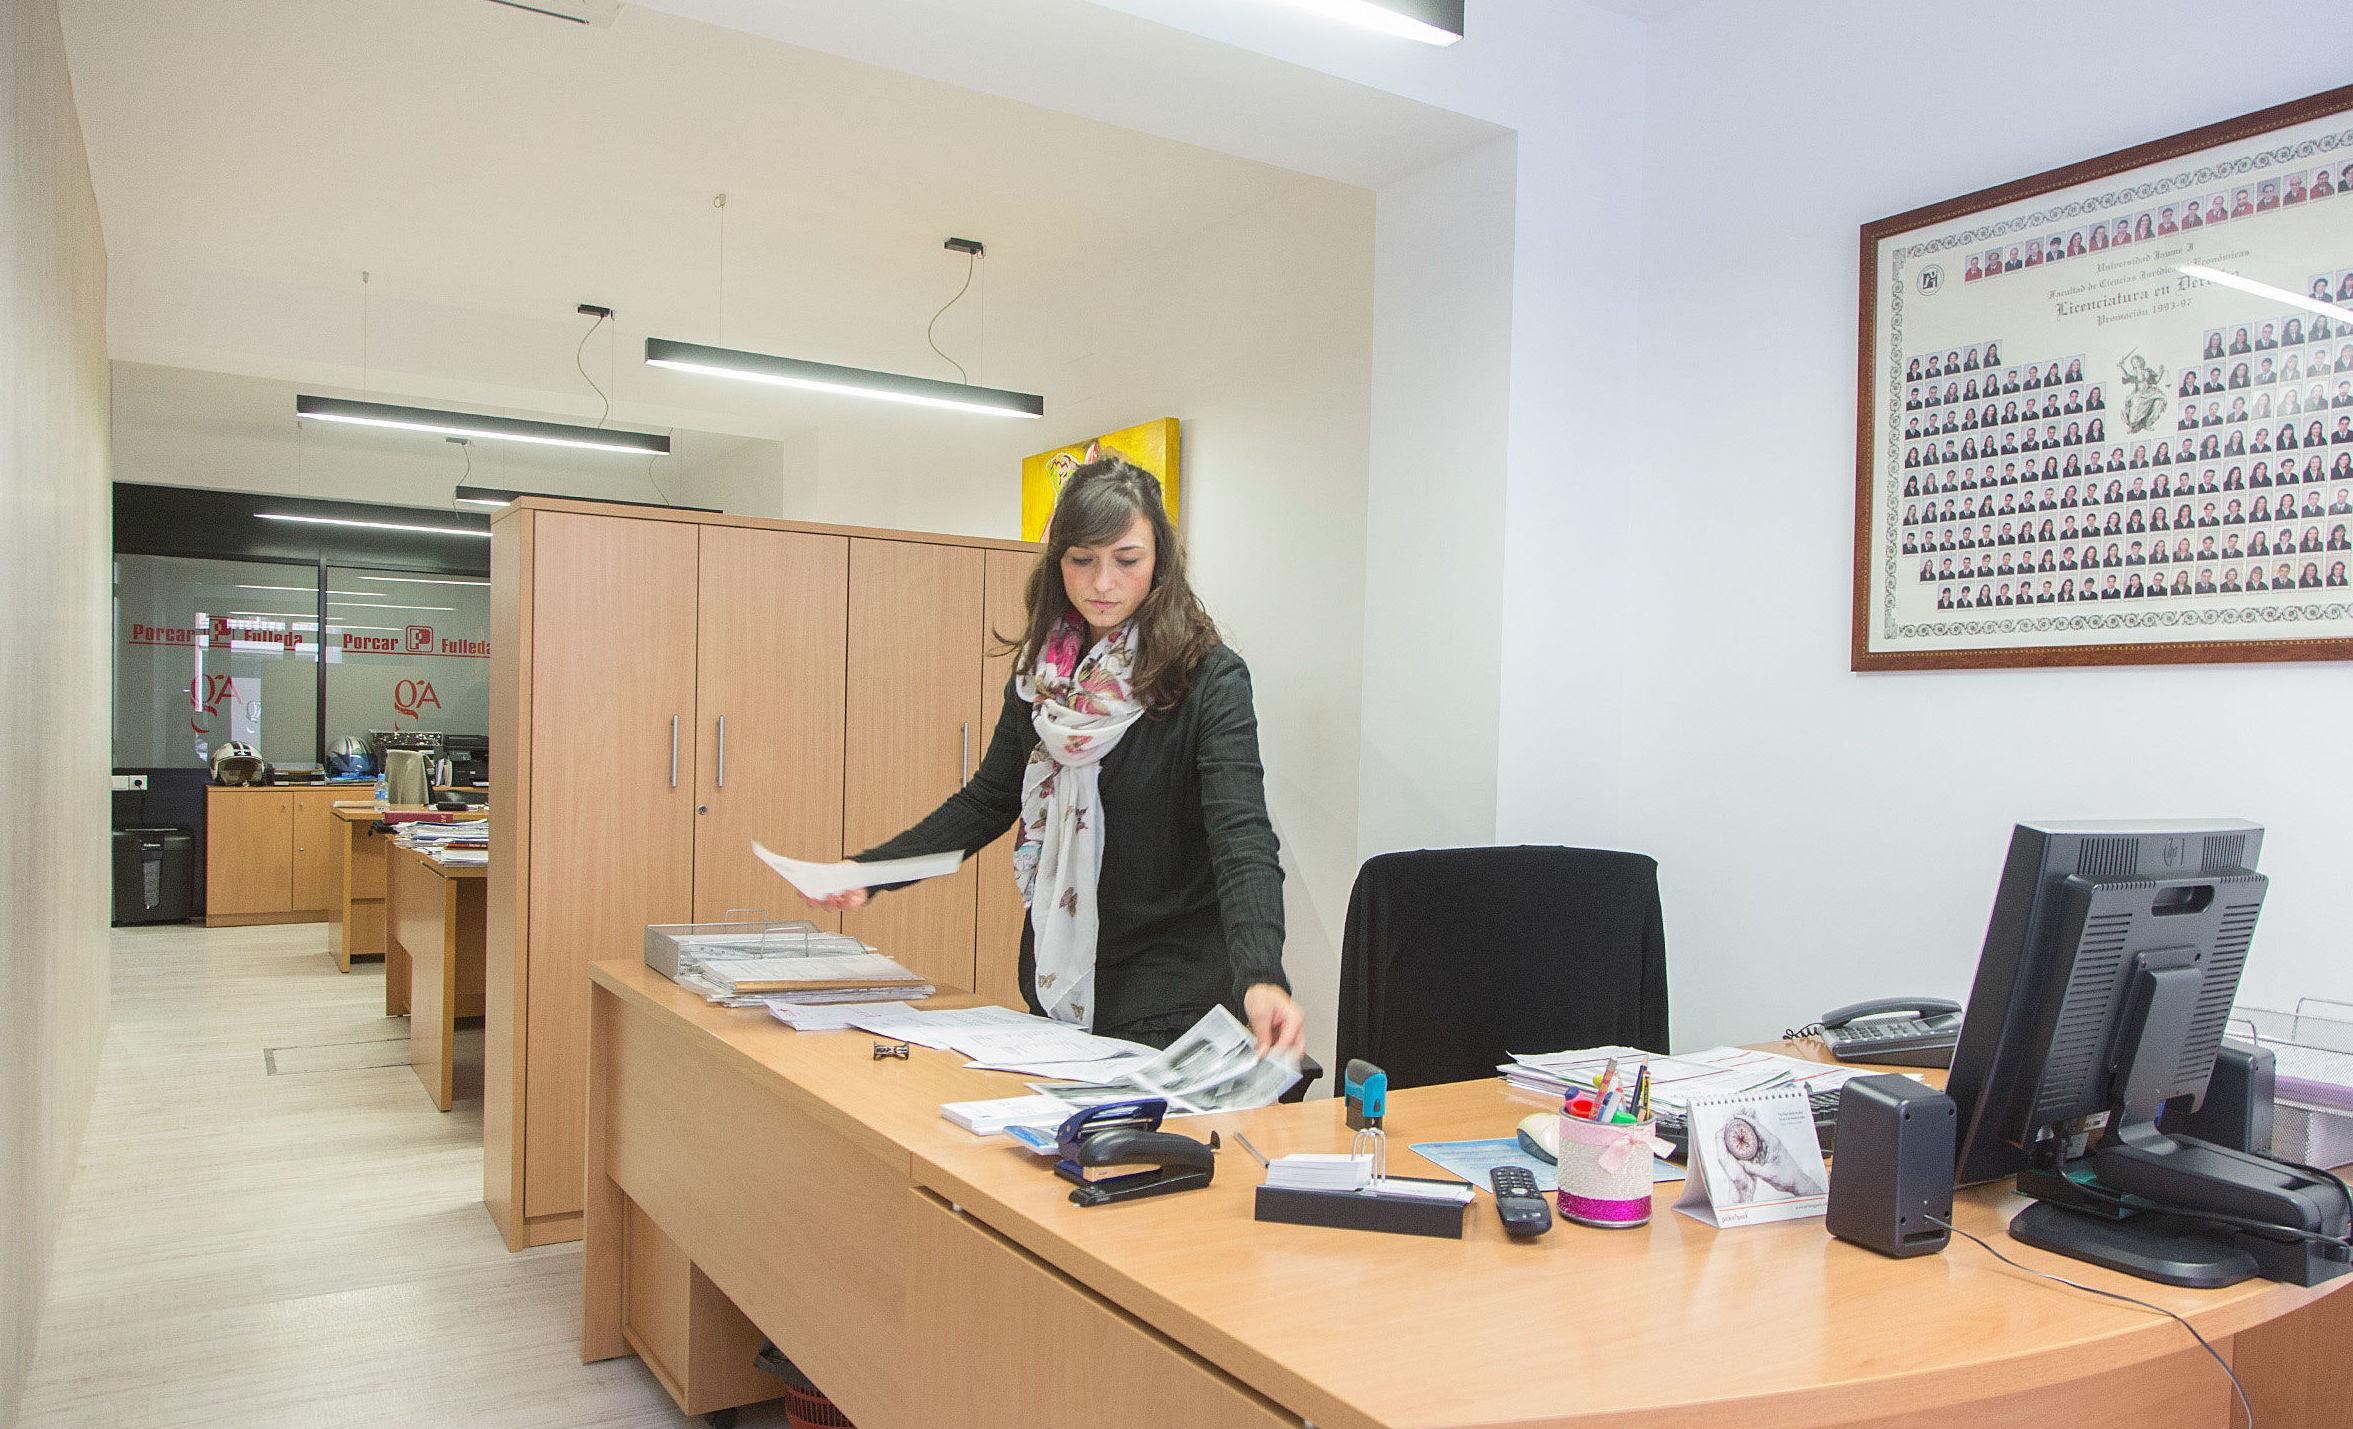 Foto 11 de Gestorías administrativas en Castellón / Castelló de La Plana | Gestors Associats Porcar Fulleda